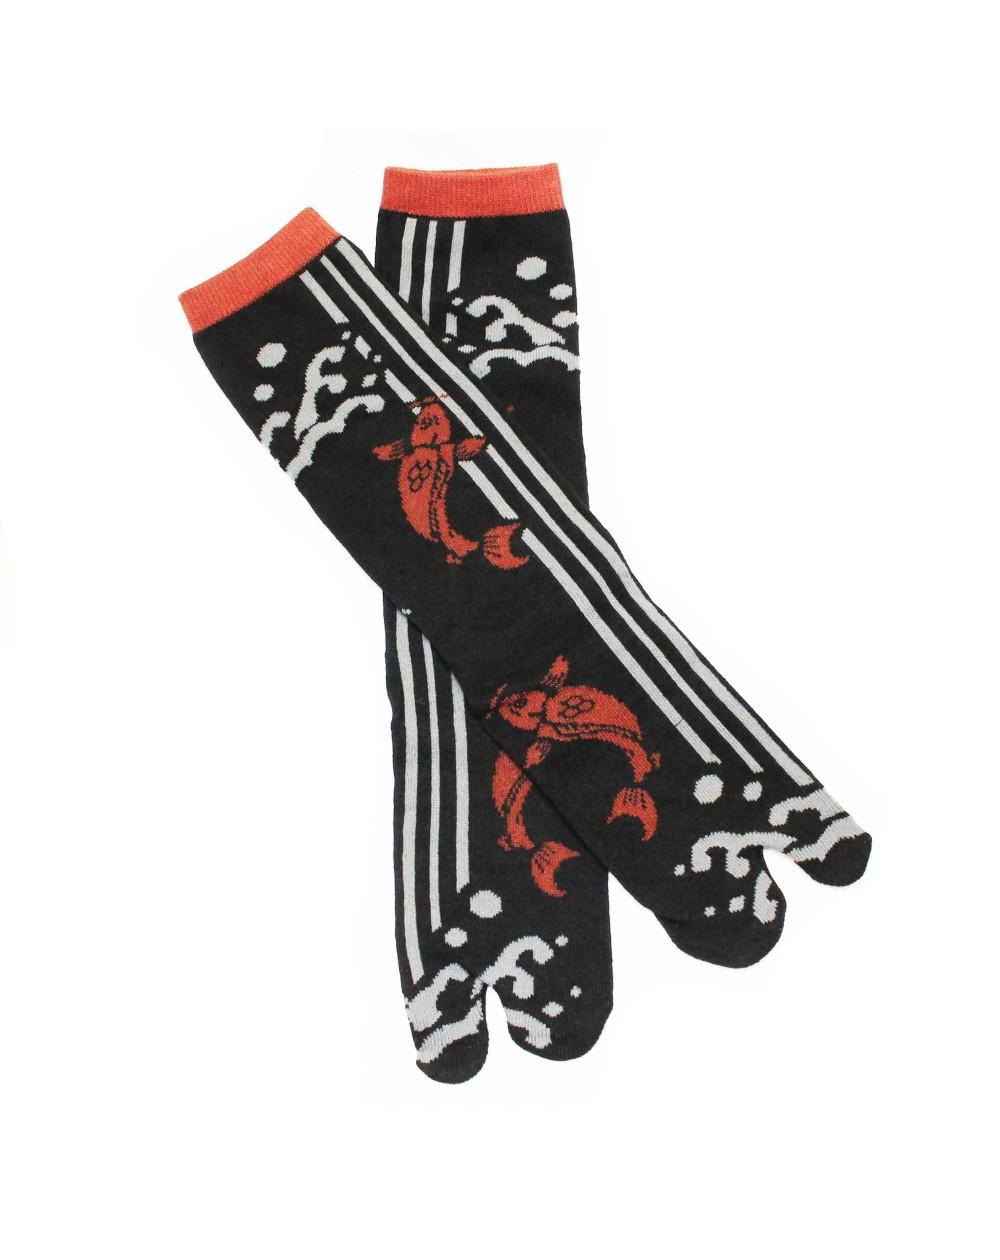 TABI Socks T39-43